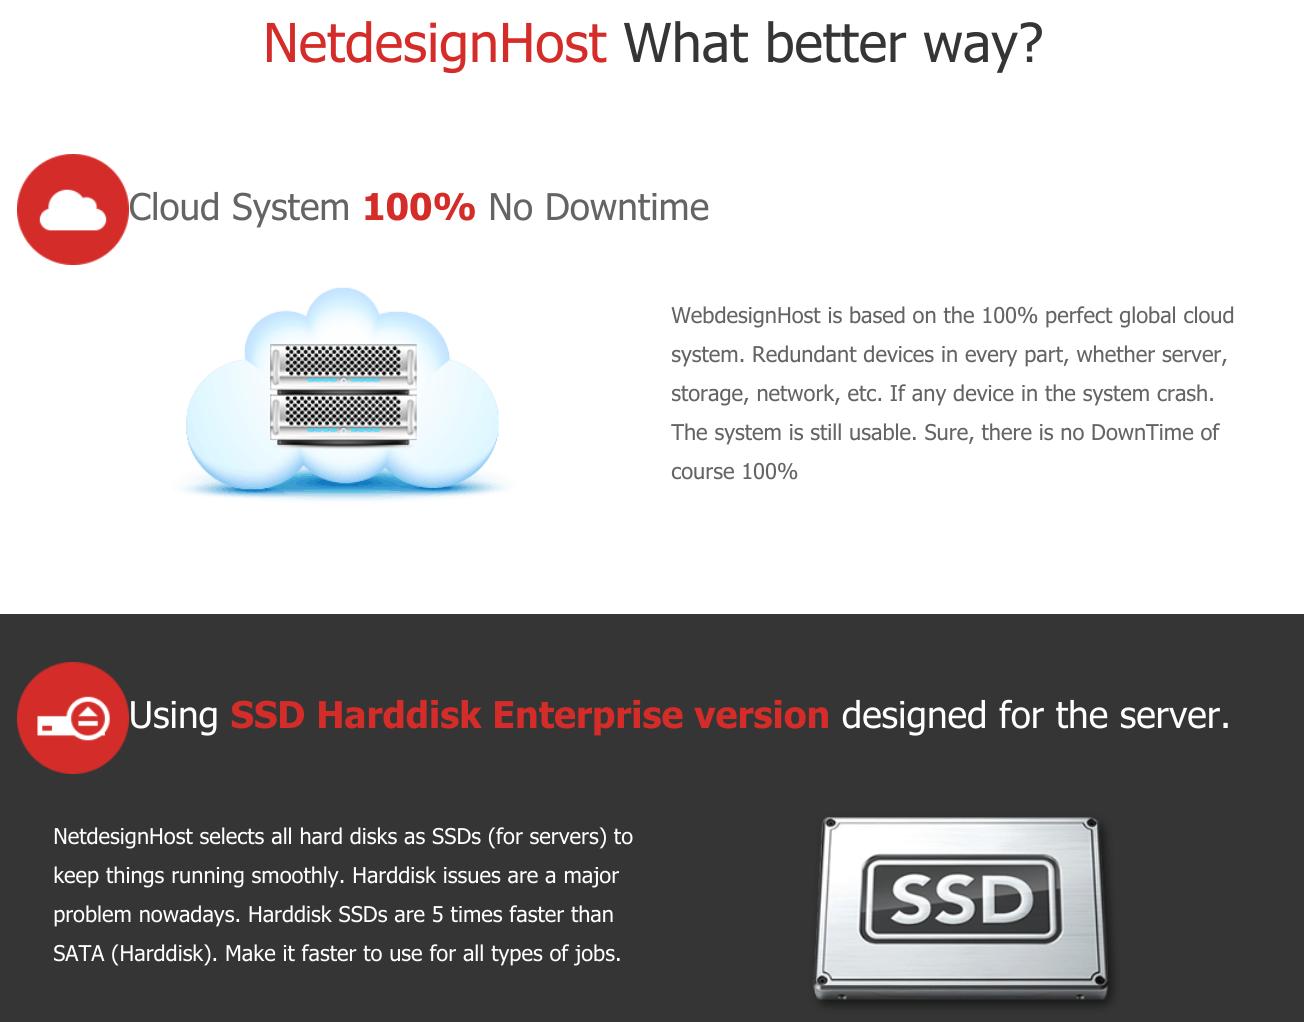 NetdesignHost